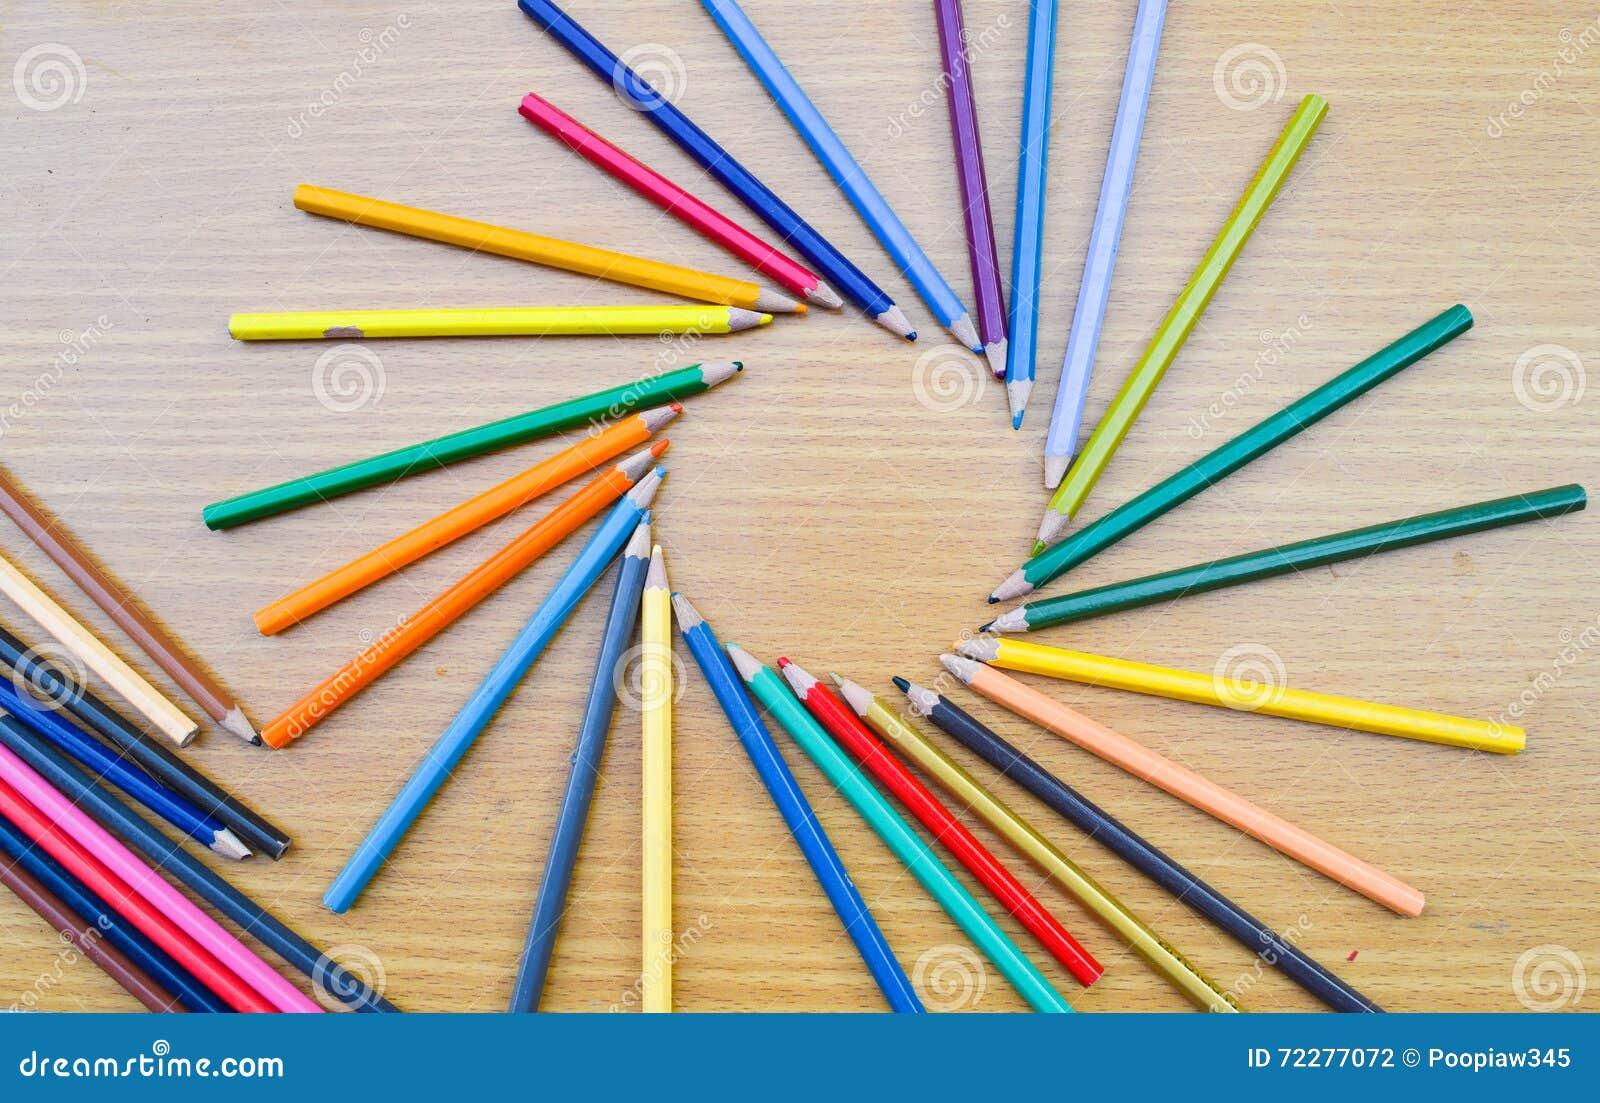 Download Карандаши цвета для текстуры Иллюстрация штока - иллюстрации насчитывающей список, backhander: 72277072